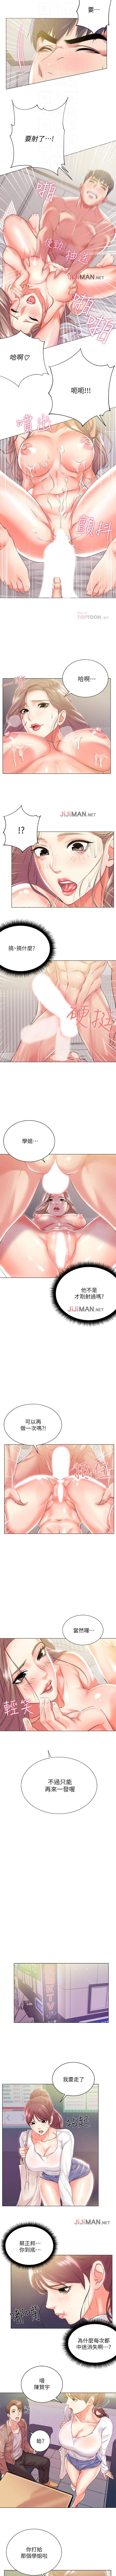 【周三连载】超市的漂亮姐姐(作者:北鼻&逃兵) 第1~20话 69